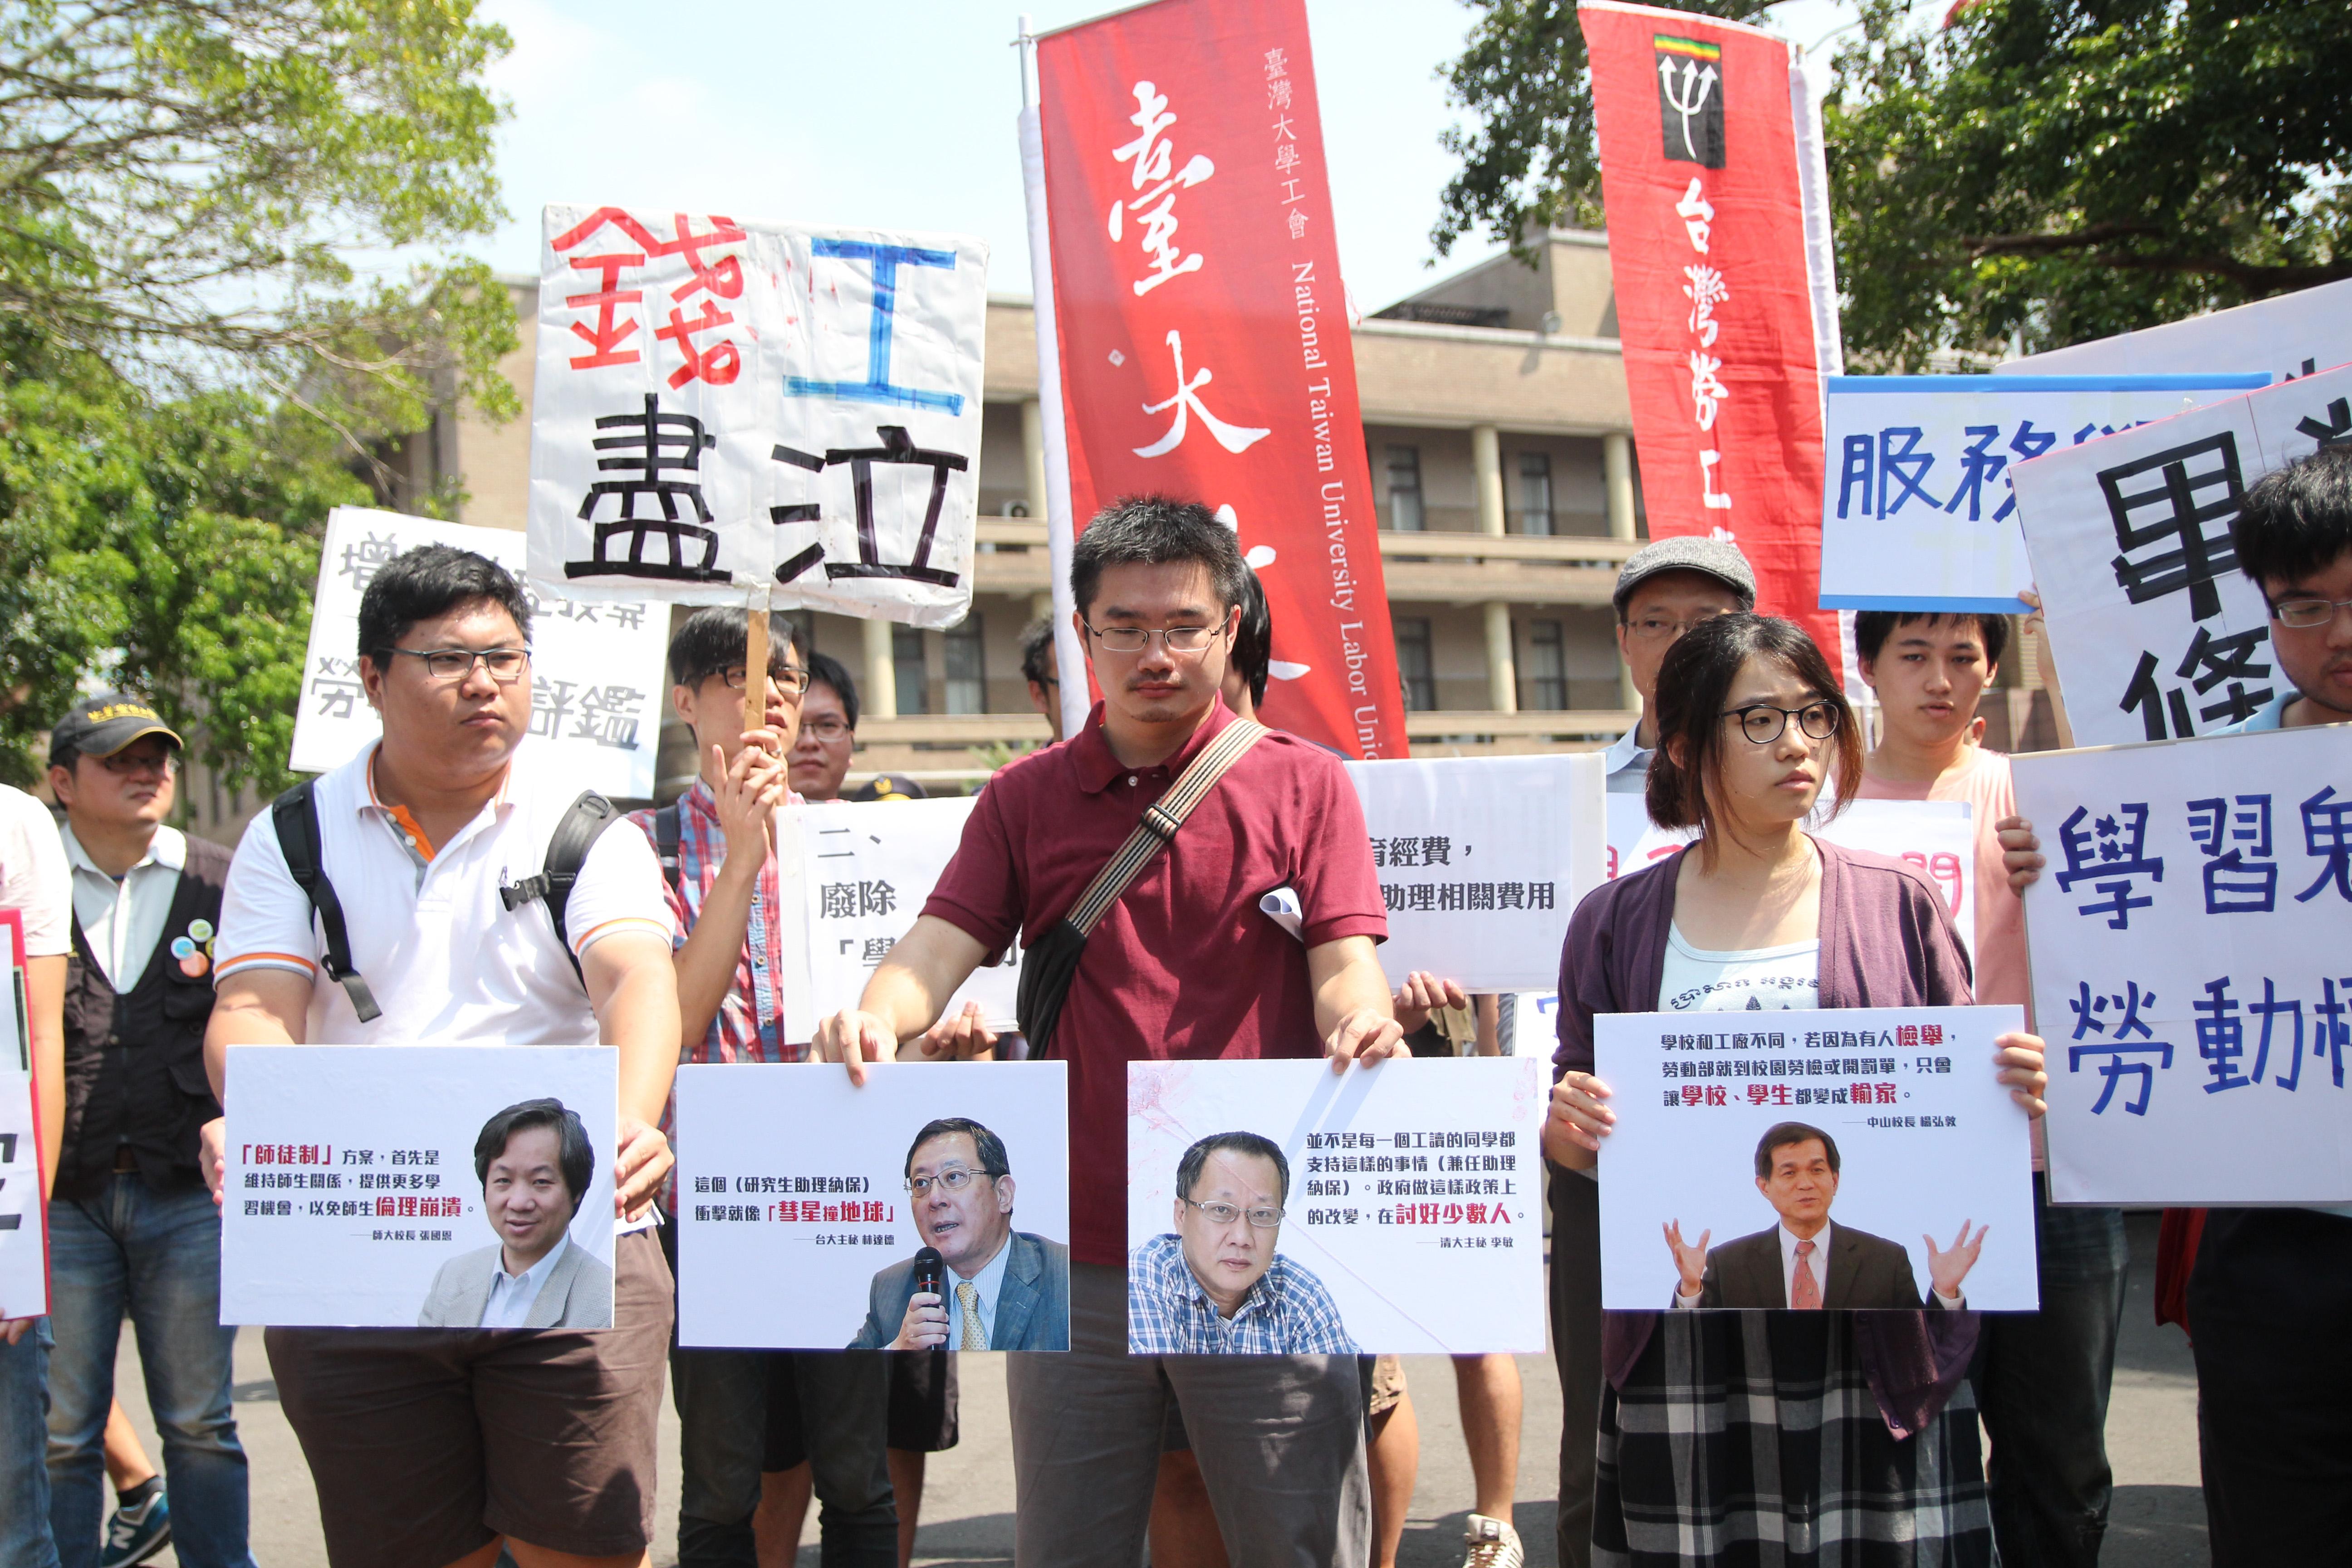 台灣高等教育產業工會與50多位大學生、研究生助理及大學教授,呼籲教育部、勞動部落實學生兼任助勞動權益。  圖/張方慈攝